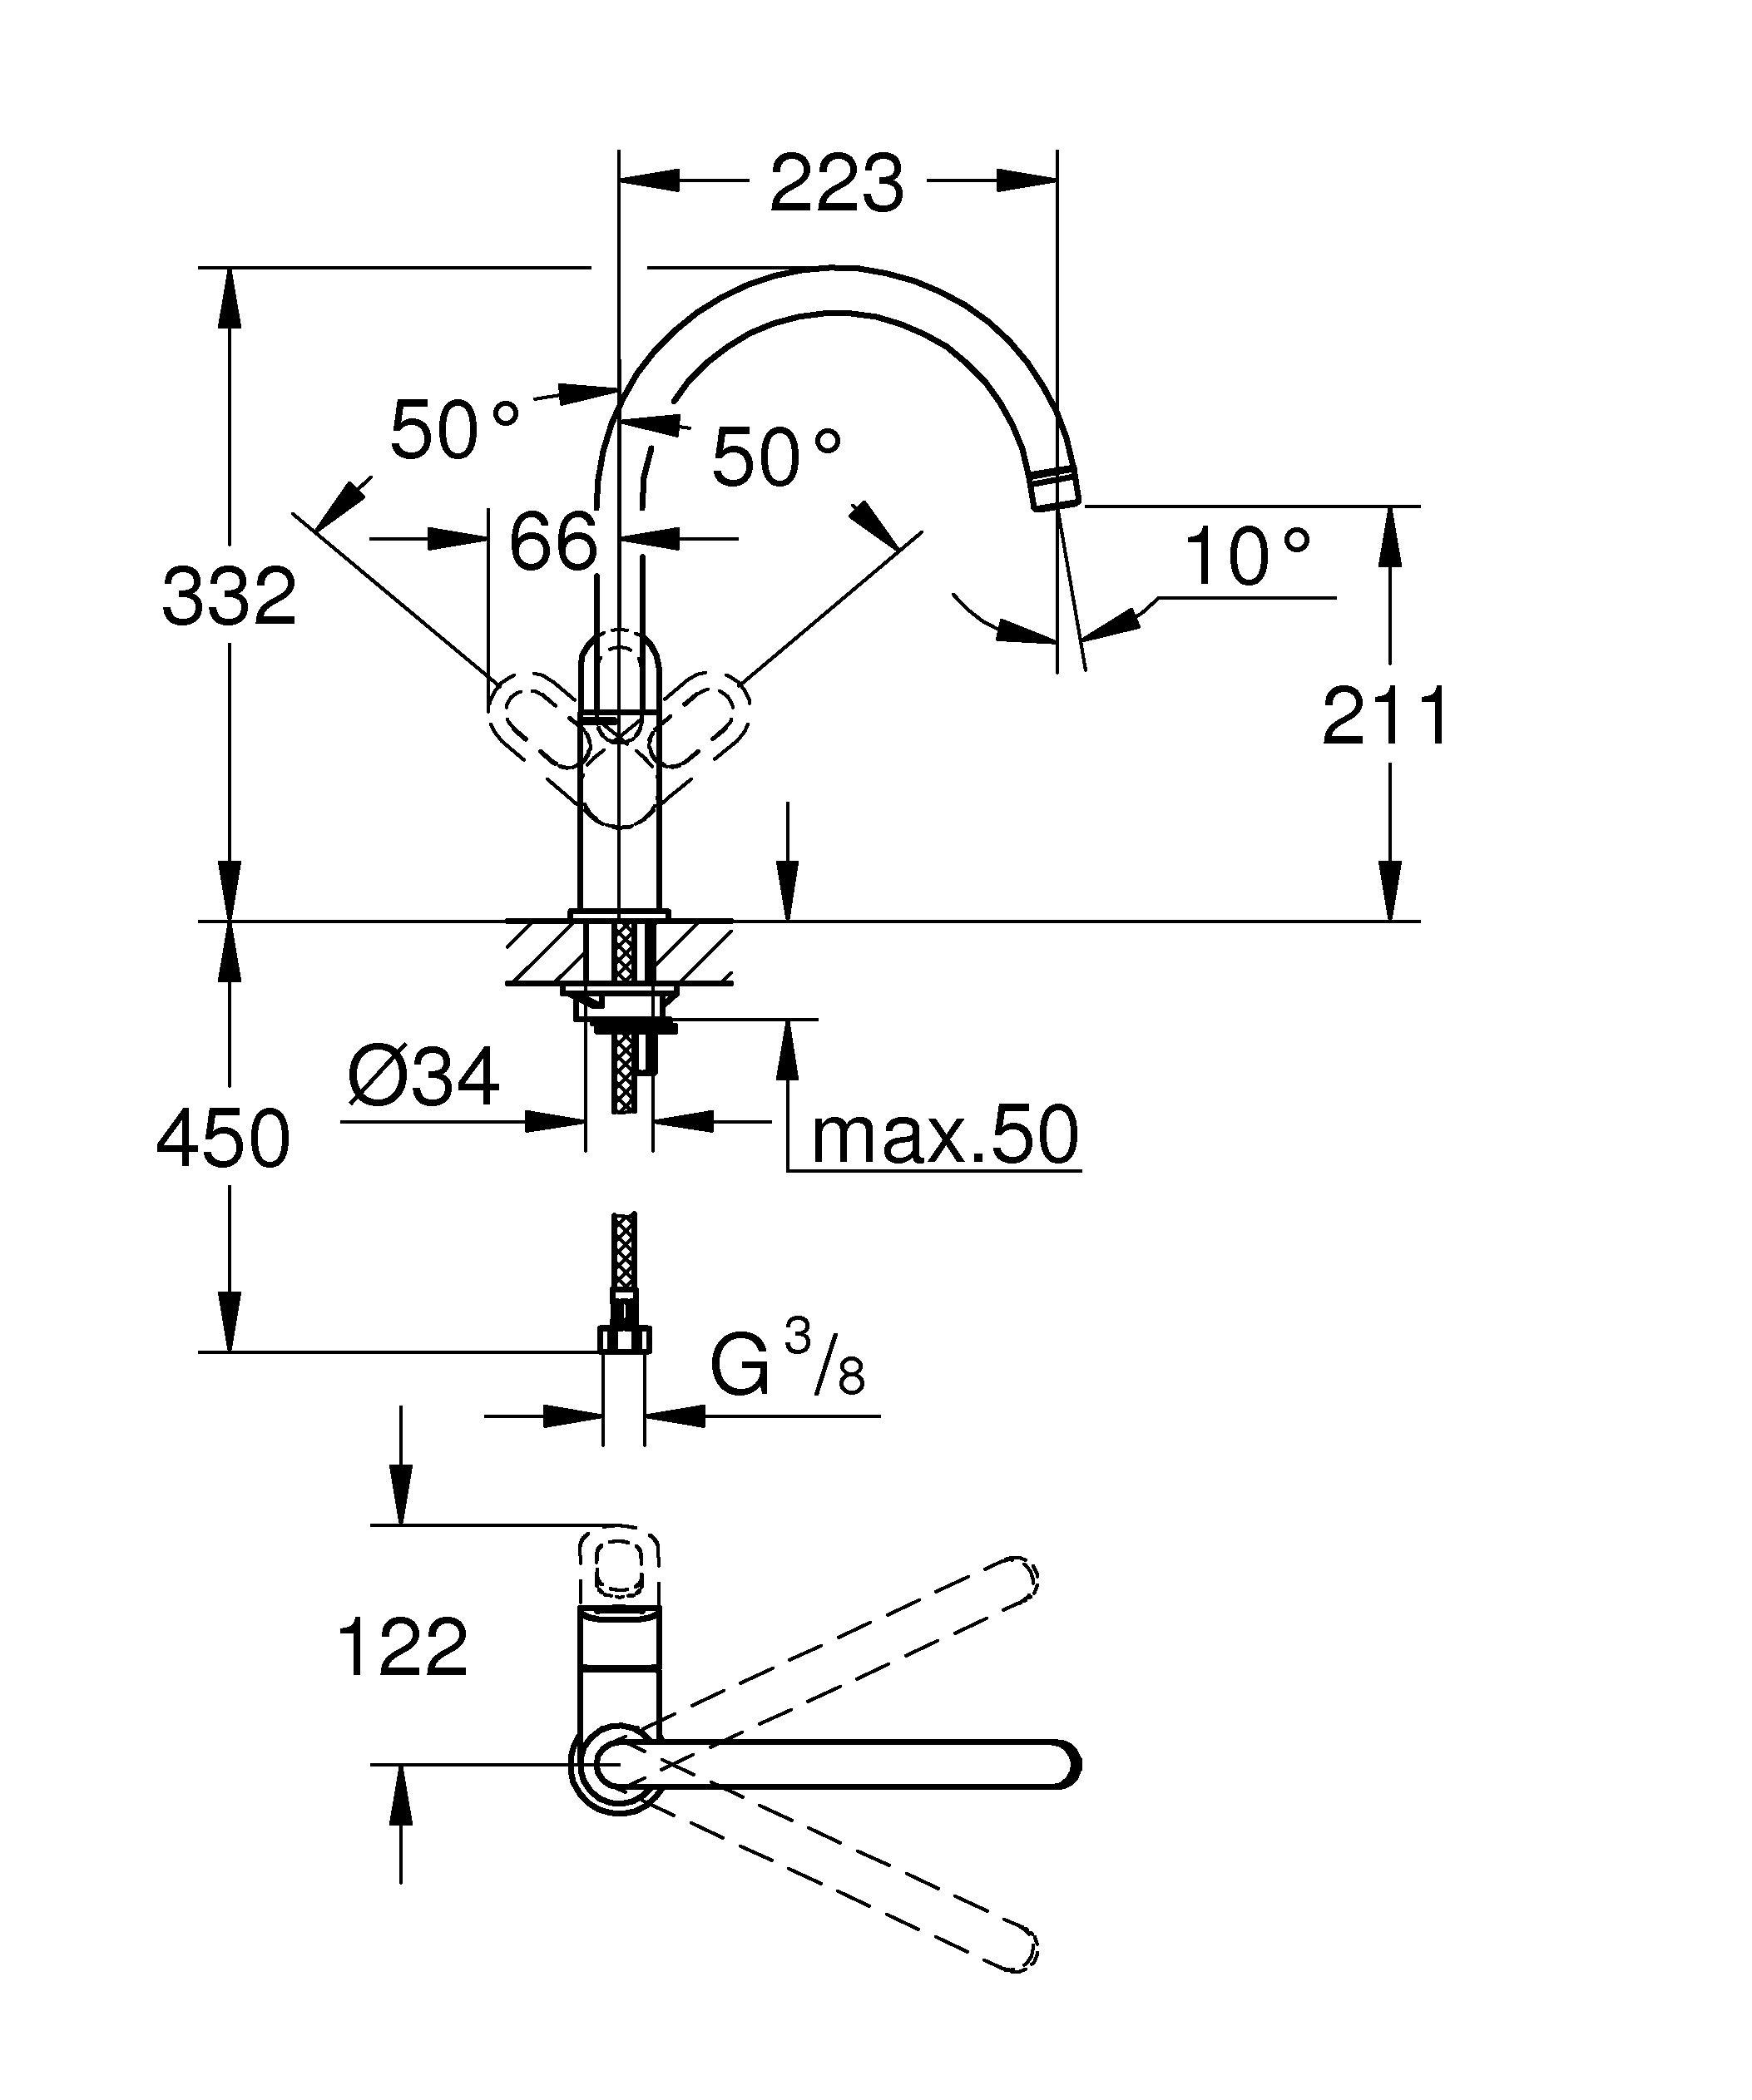 Монтаж на одно отверстие  Металлический рычаг  GROHE SilkMove керамический картридж 28 мм  GROHE StarLight хромированная поверхность   Поворотный трубкообразный излив  Аэратор  Гибкая подводка  Система быстрого монтажа  Минимальное давление 1,0 бар   Видео по установке является исключительно информационным. Установка должна проводиться профессионалами!